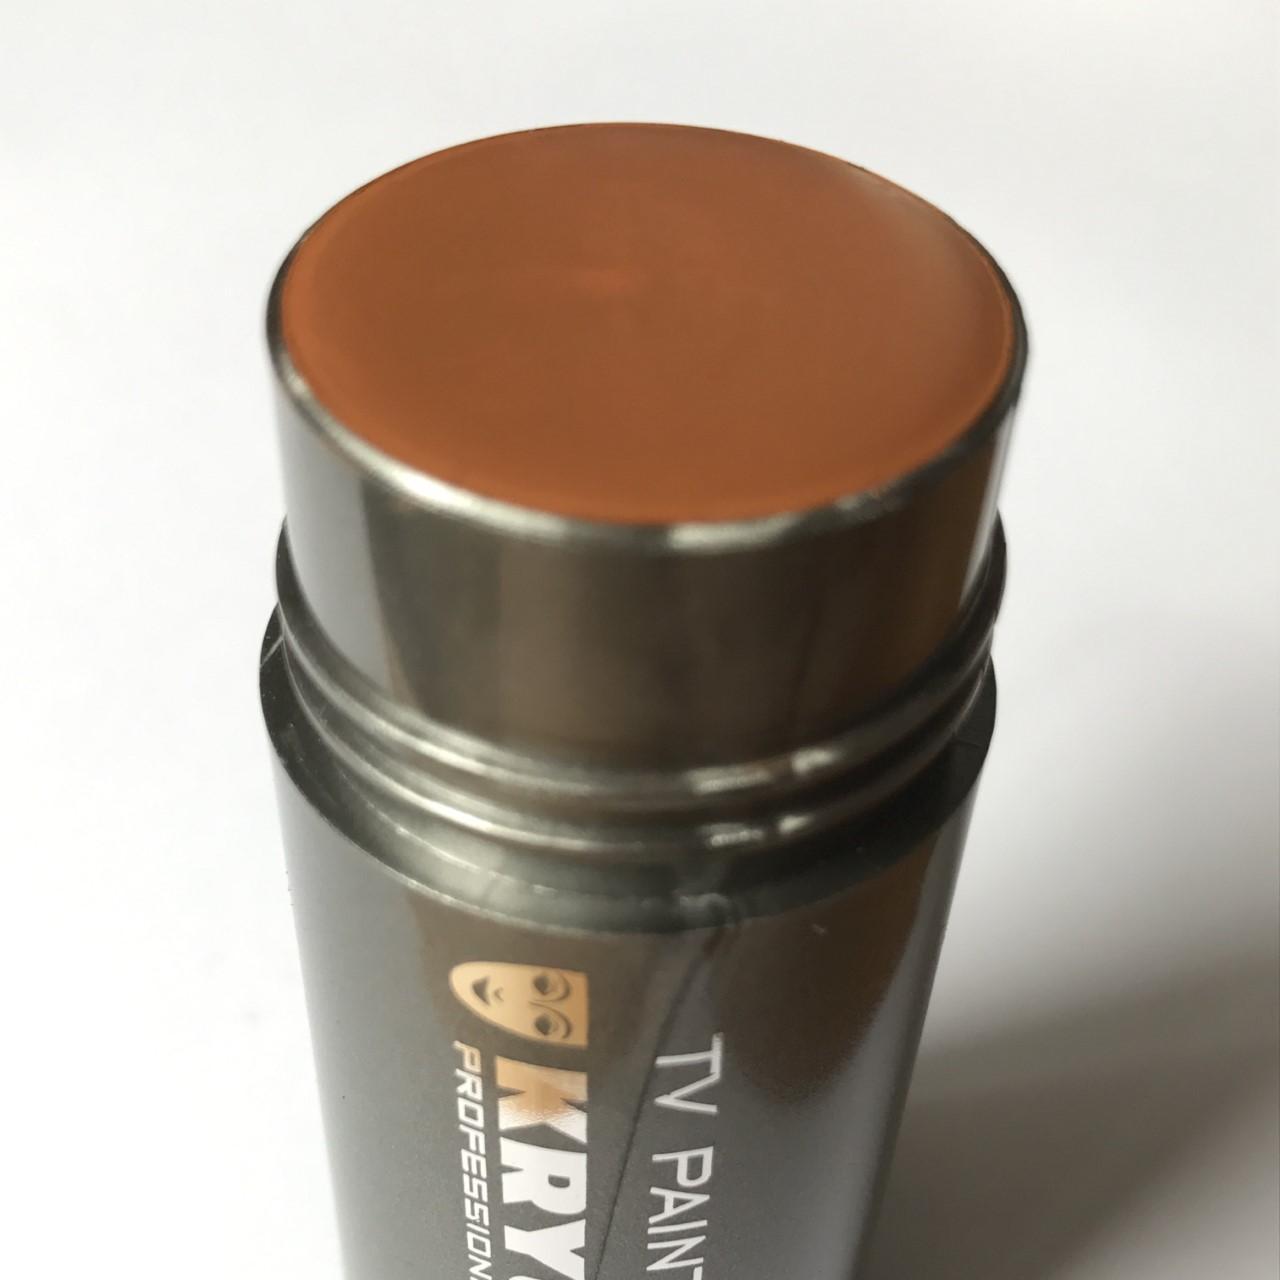 Maquillage kryolan paint stick 5047 w11